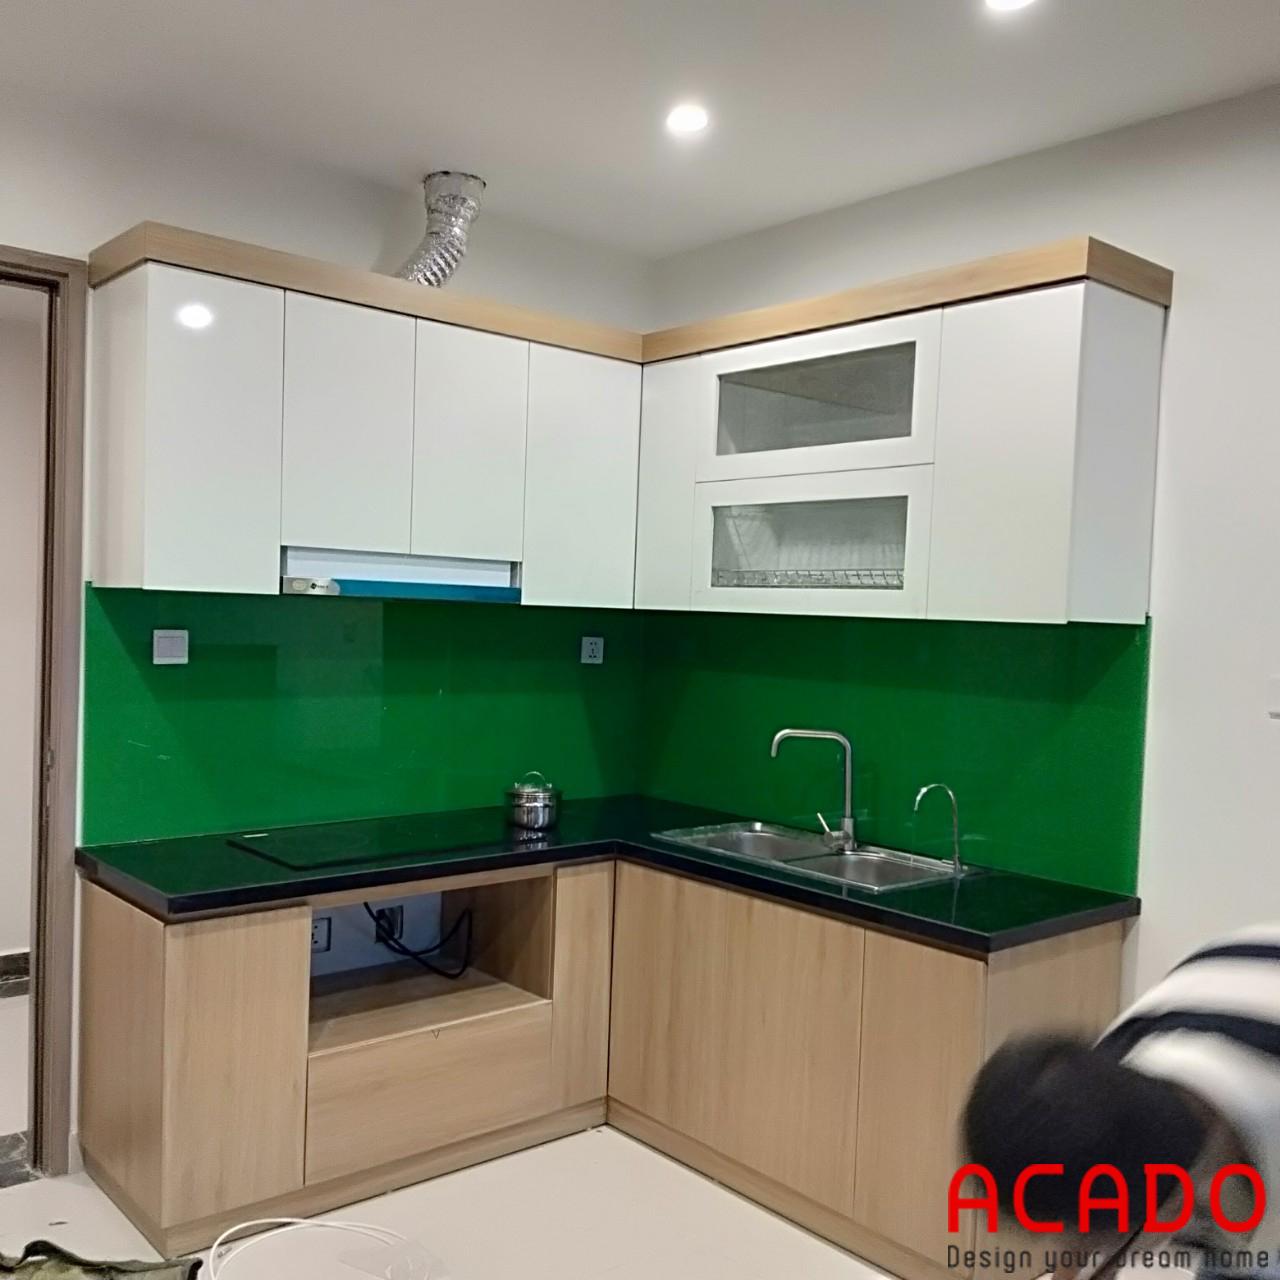 ACADO chuyên thiết kế và thi công tủ bếp uy tín tại Hà Nội